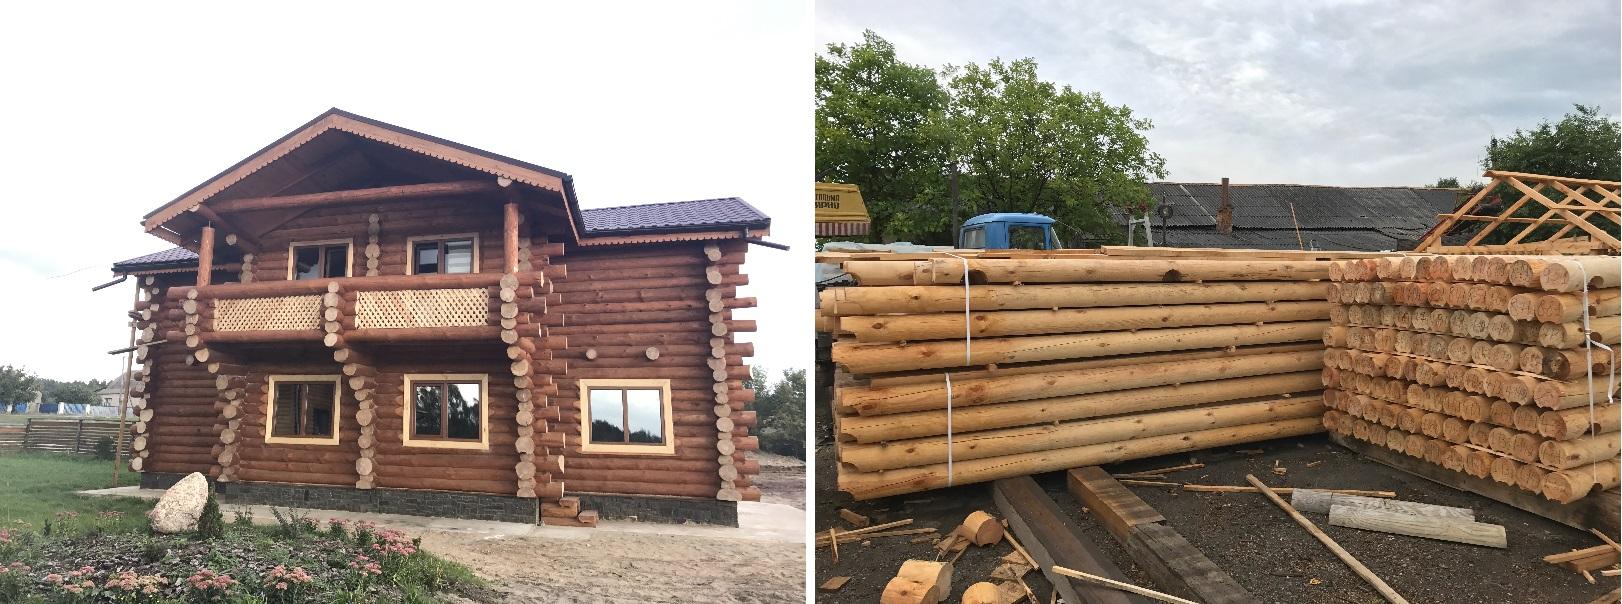 Świeże Dom z bali - Domy drewniane w domach z bali na Ukrainie. TY48